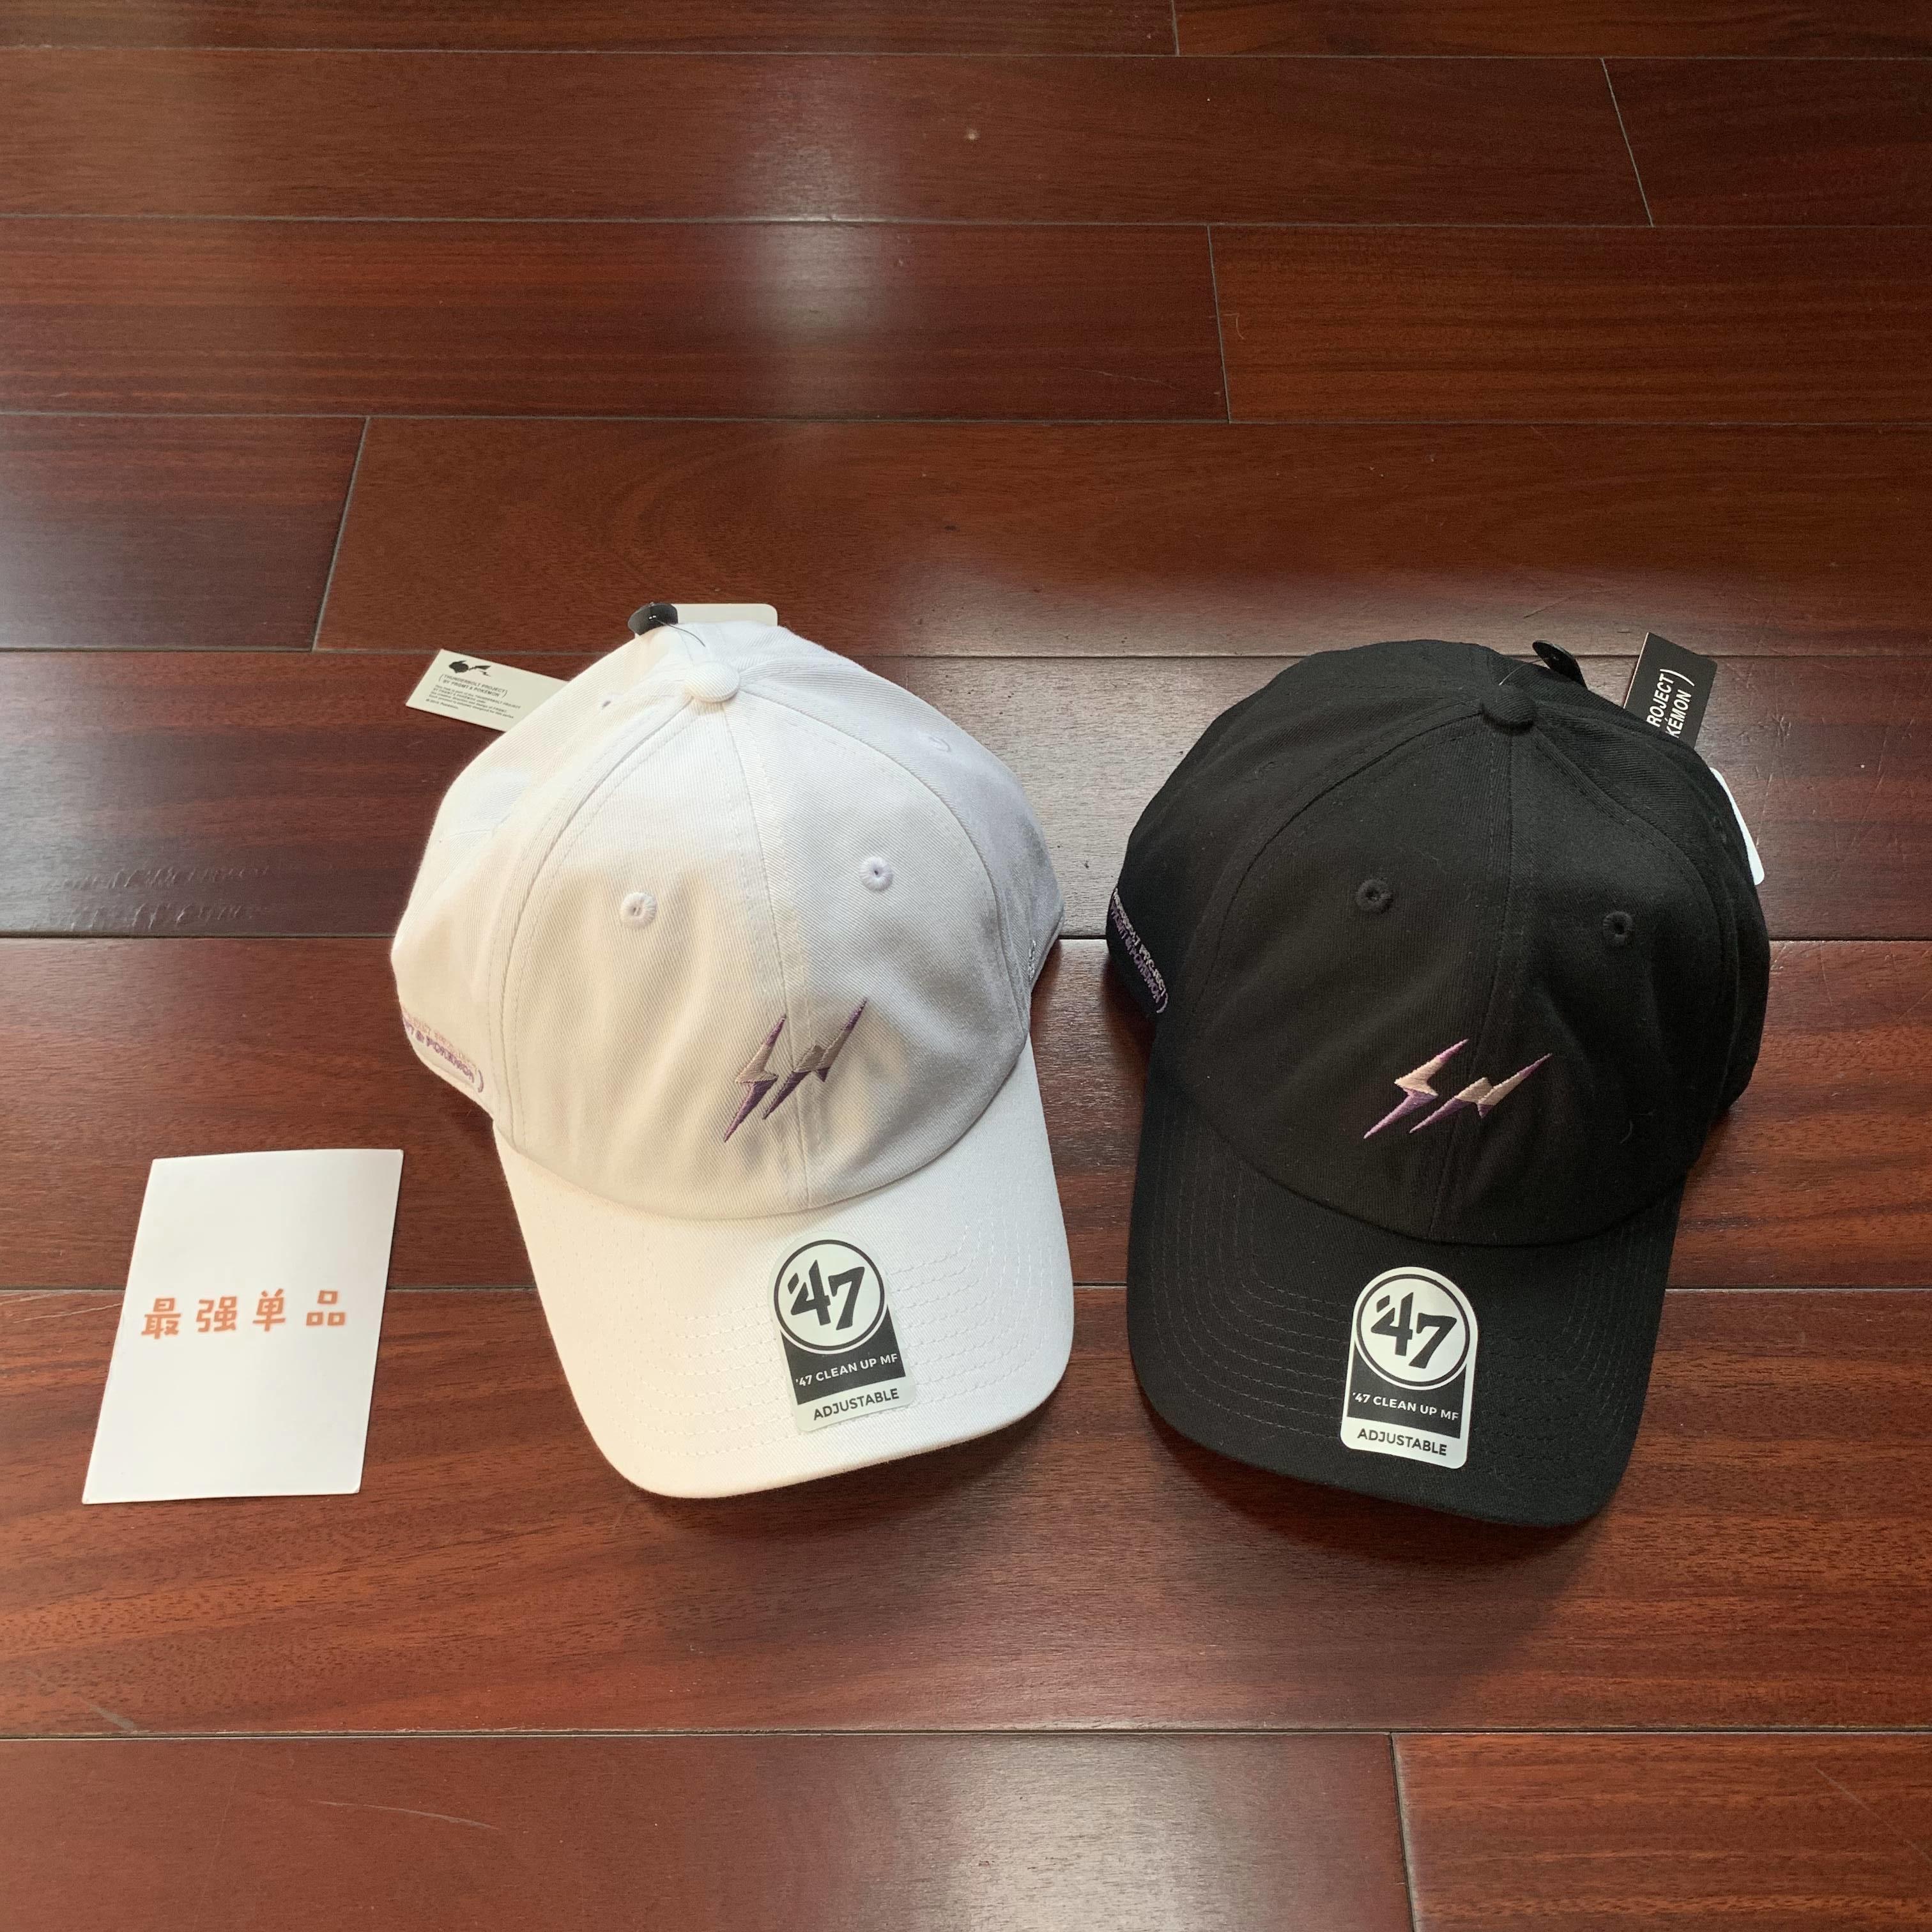 关晓彤同款 联名 闪电47 刺绣 软顶 帽子  鸭舌帽 弯檐帽  棒球帽